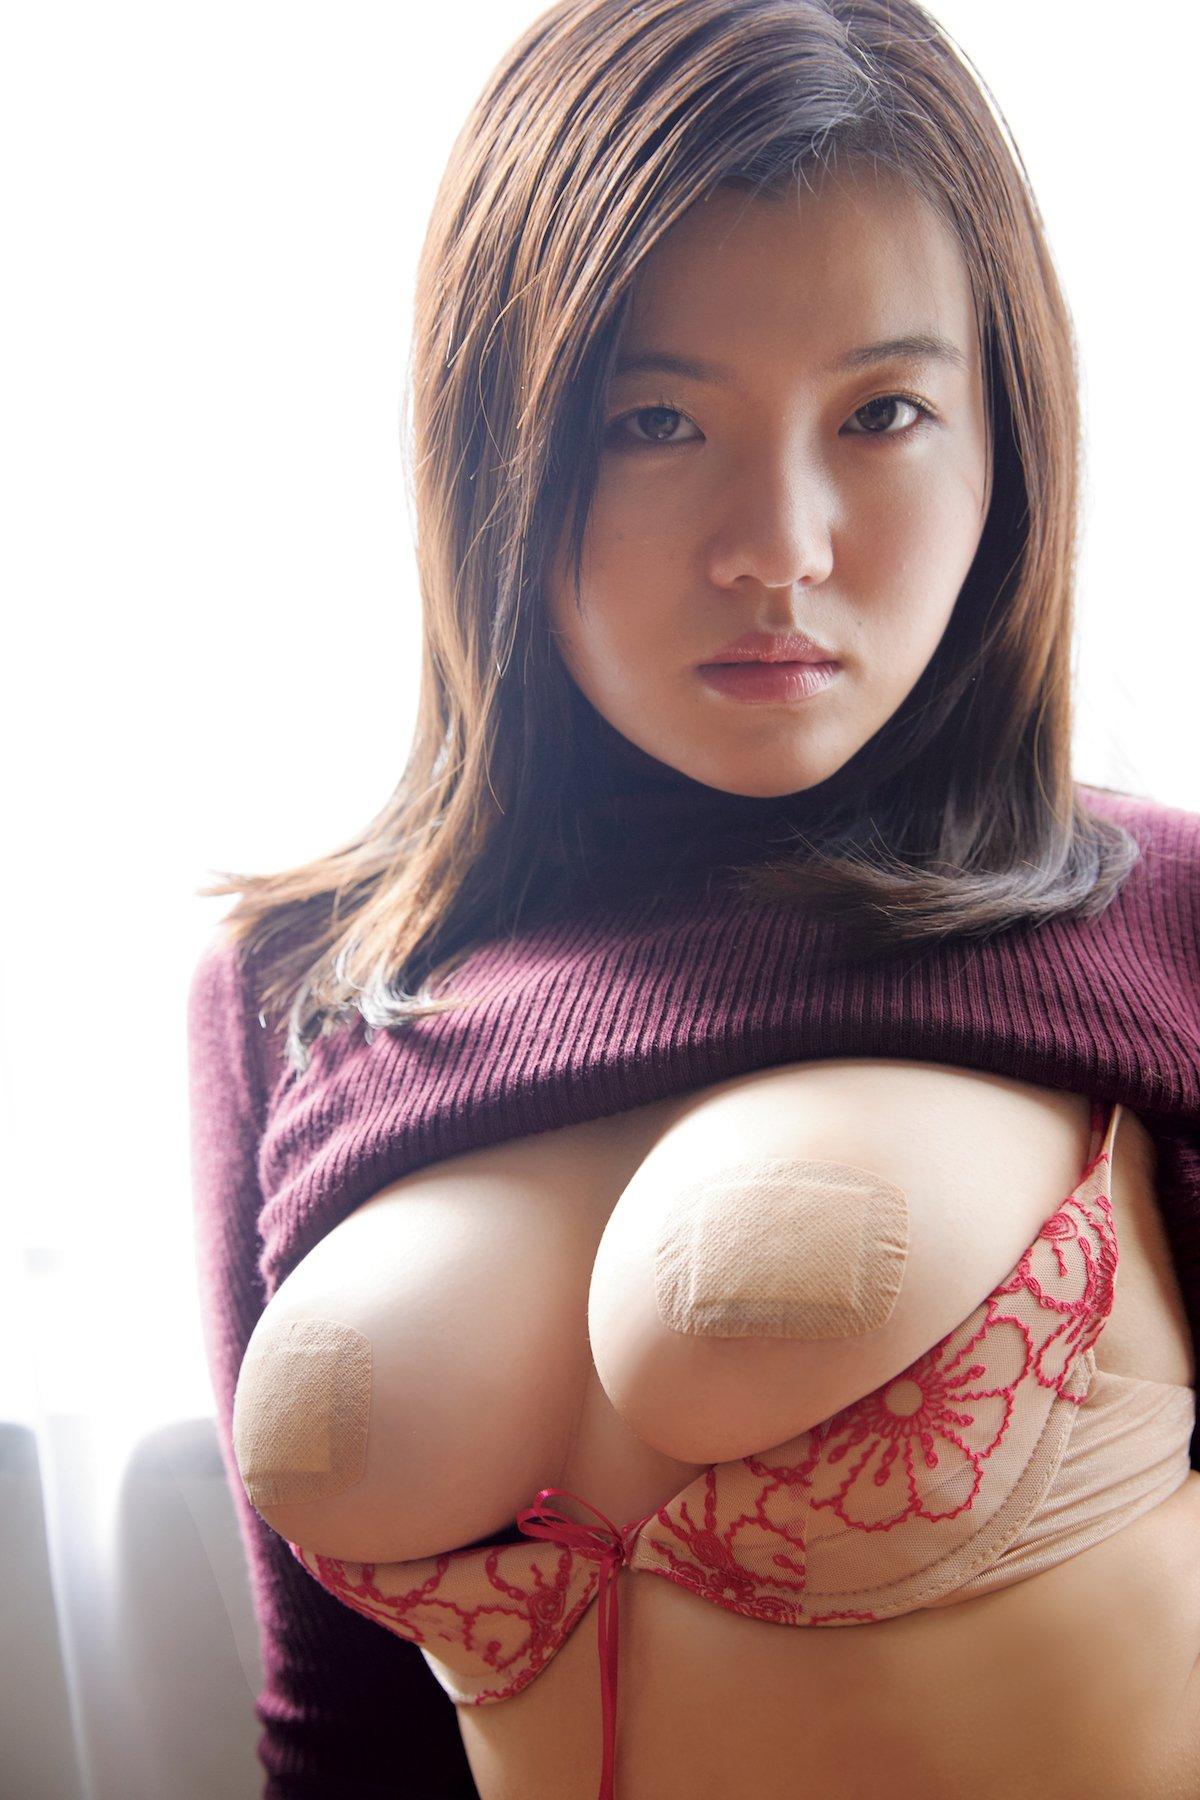 桜田なな「Gカップの生徒会長」が過激衣装で誘惑!【画像6枚】の画像004